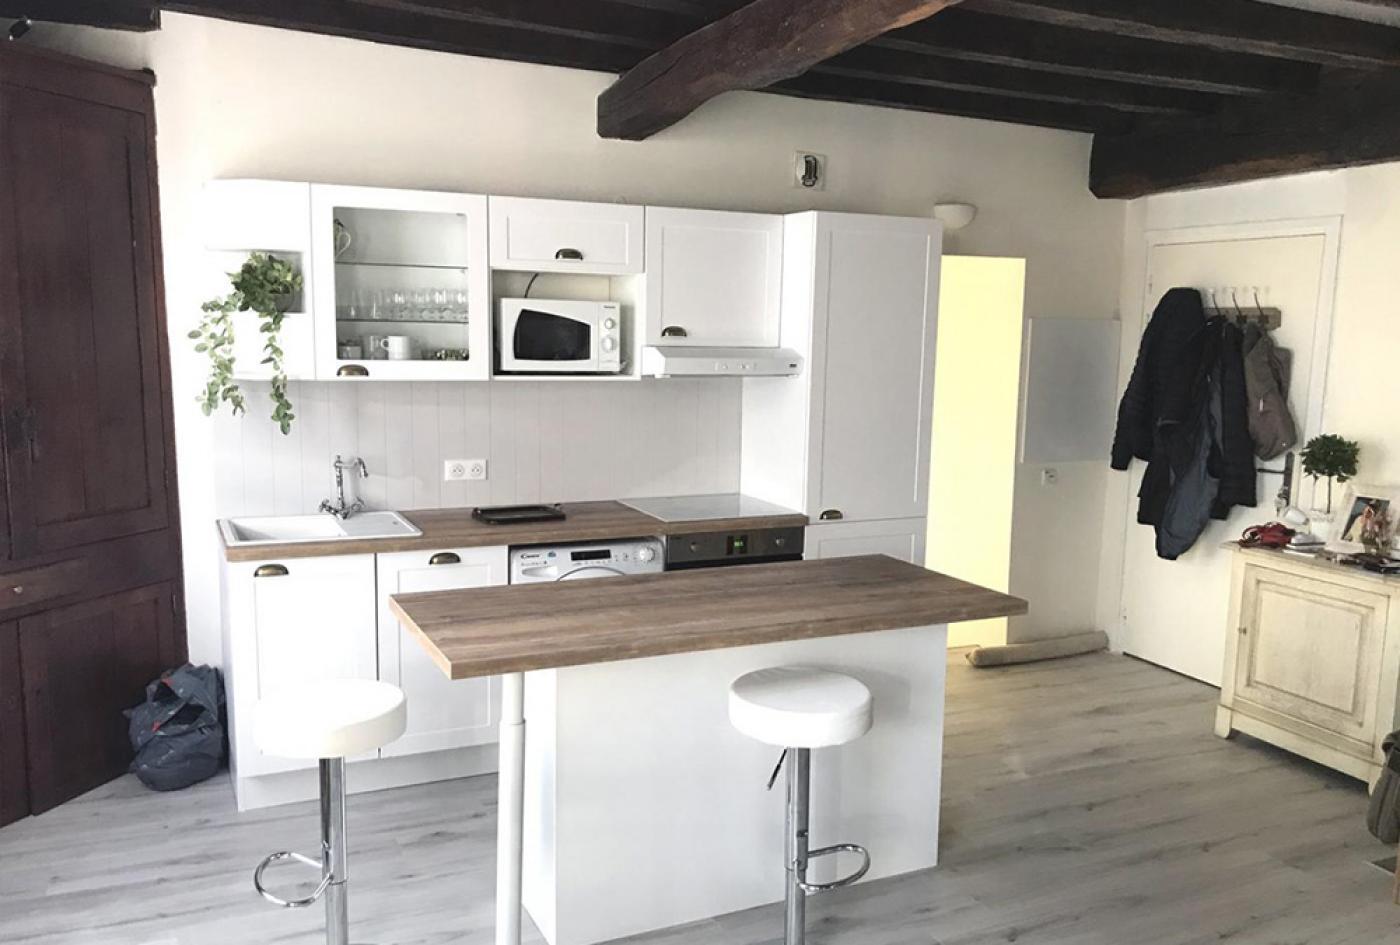 rénovation cuisine pays basque biarritz